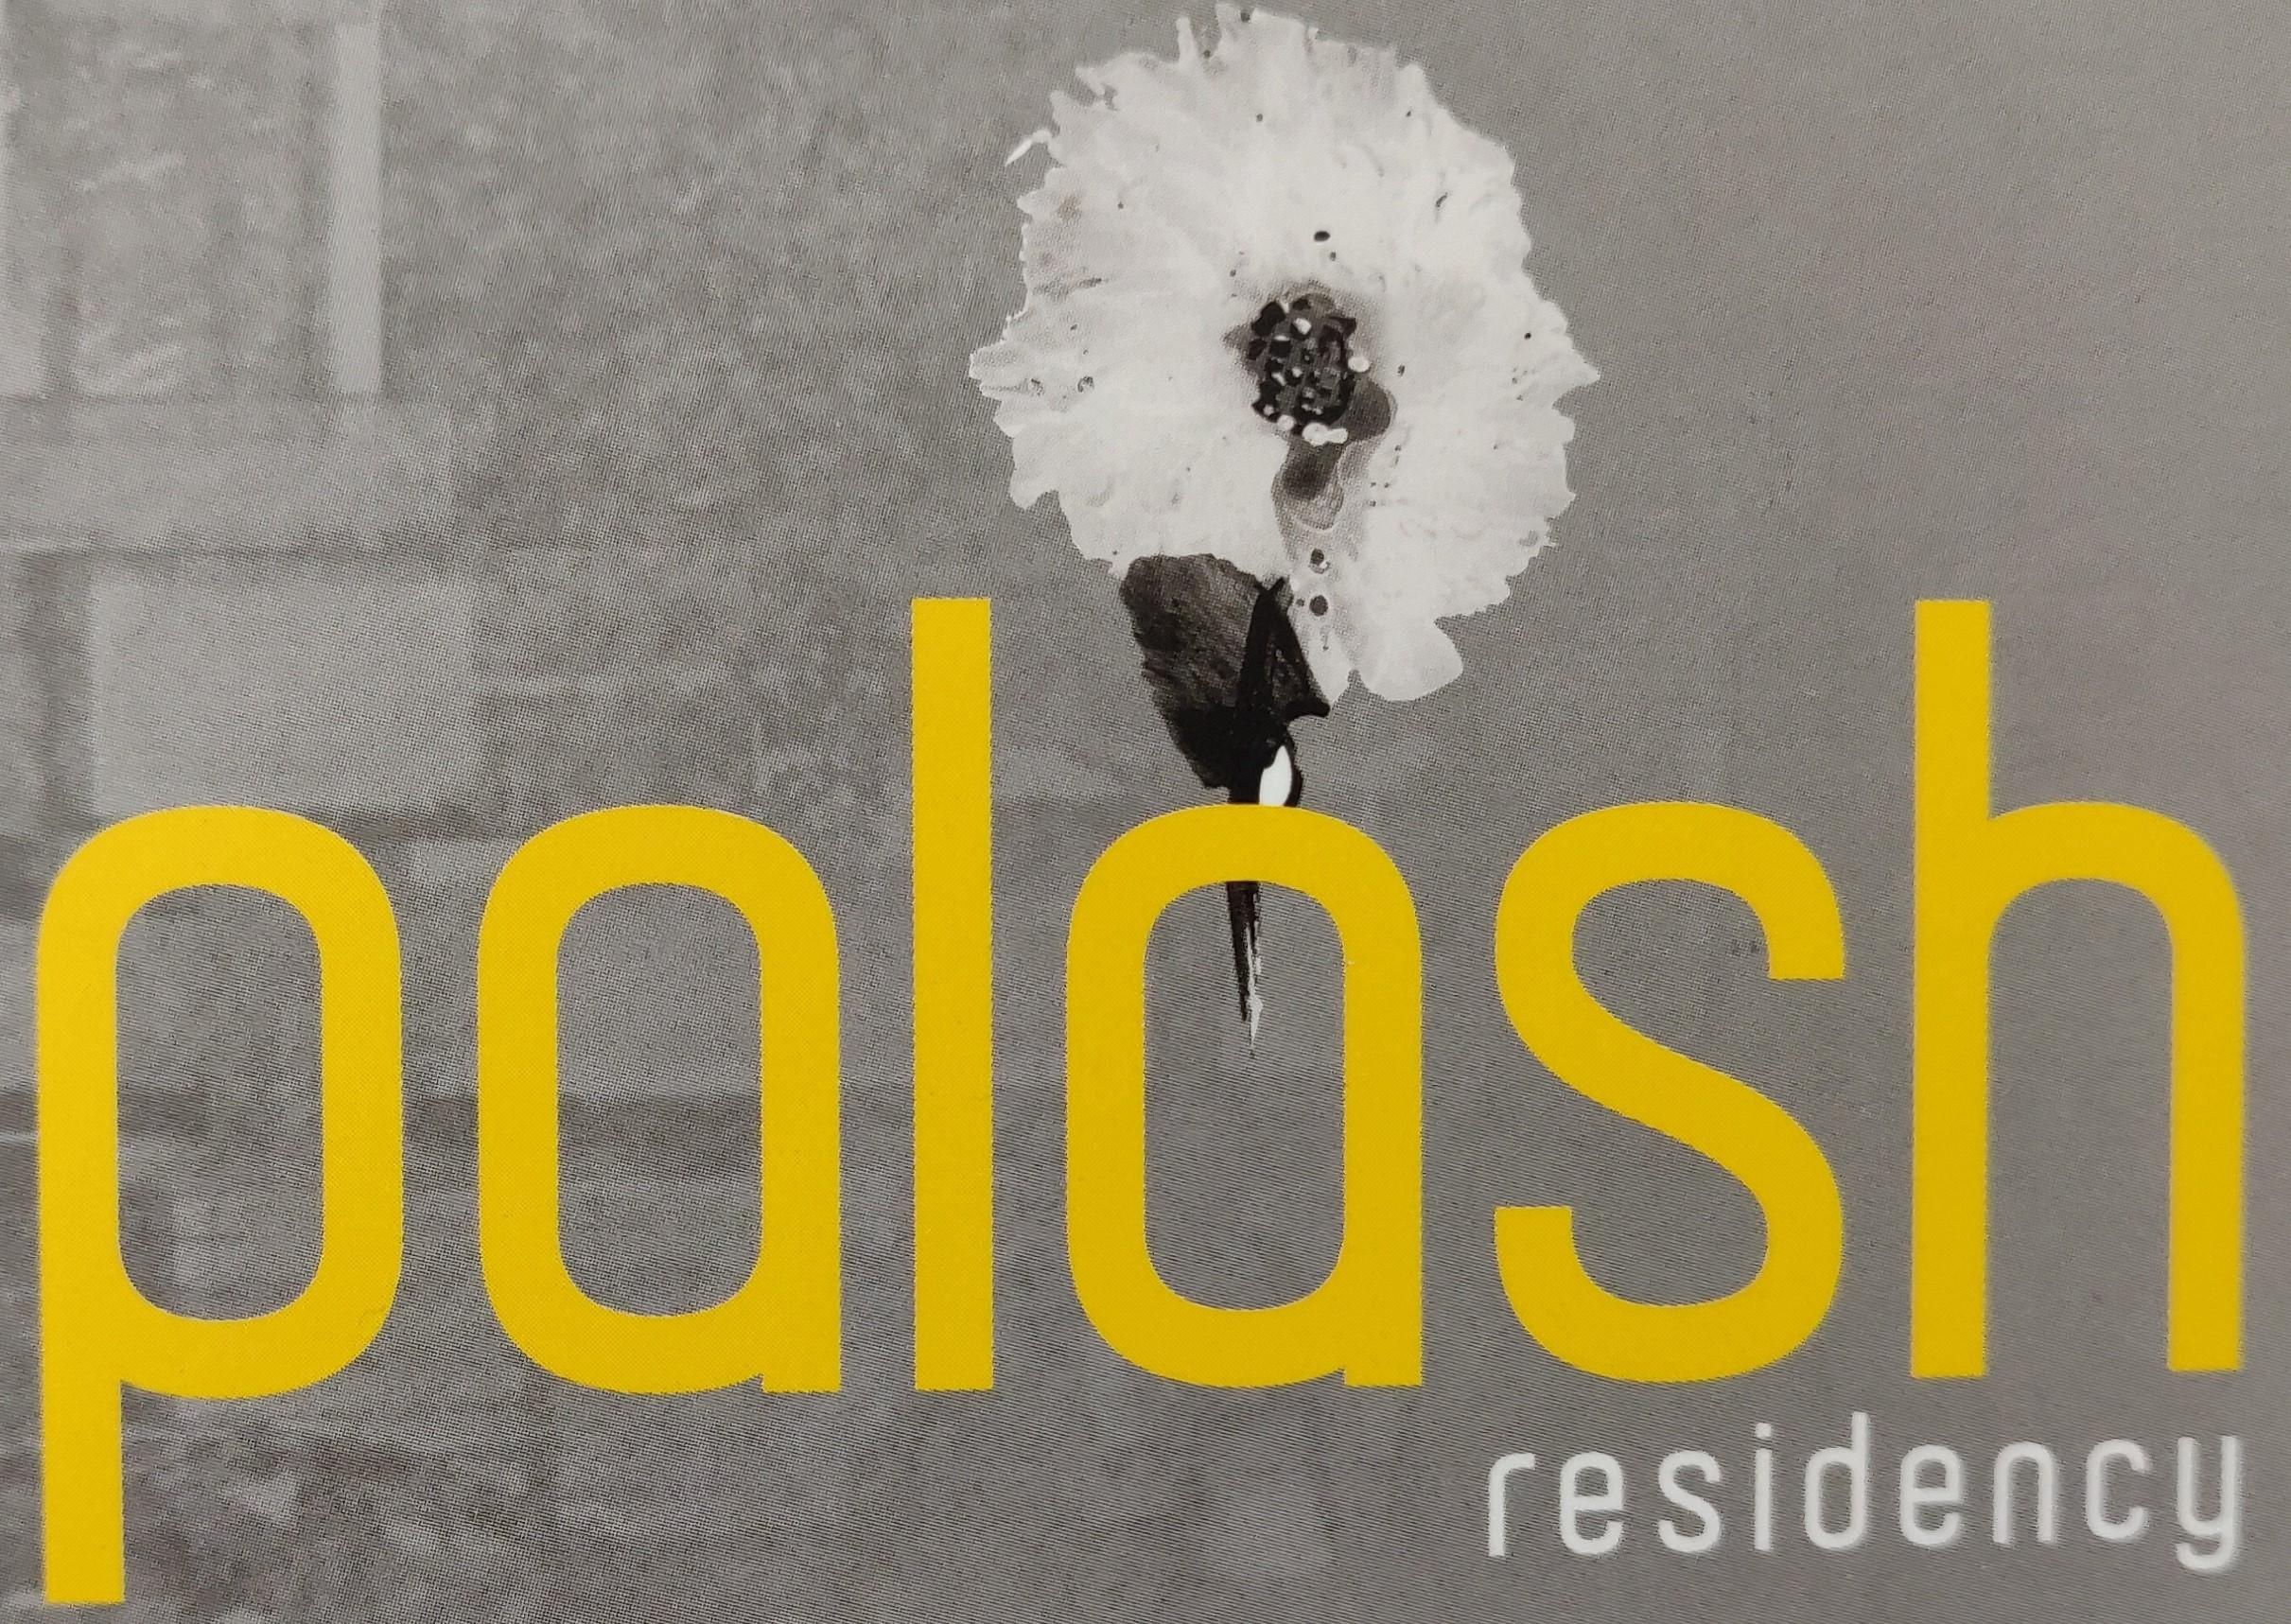 LOGO - Landmark Palash Residency